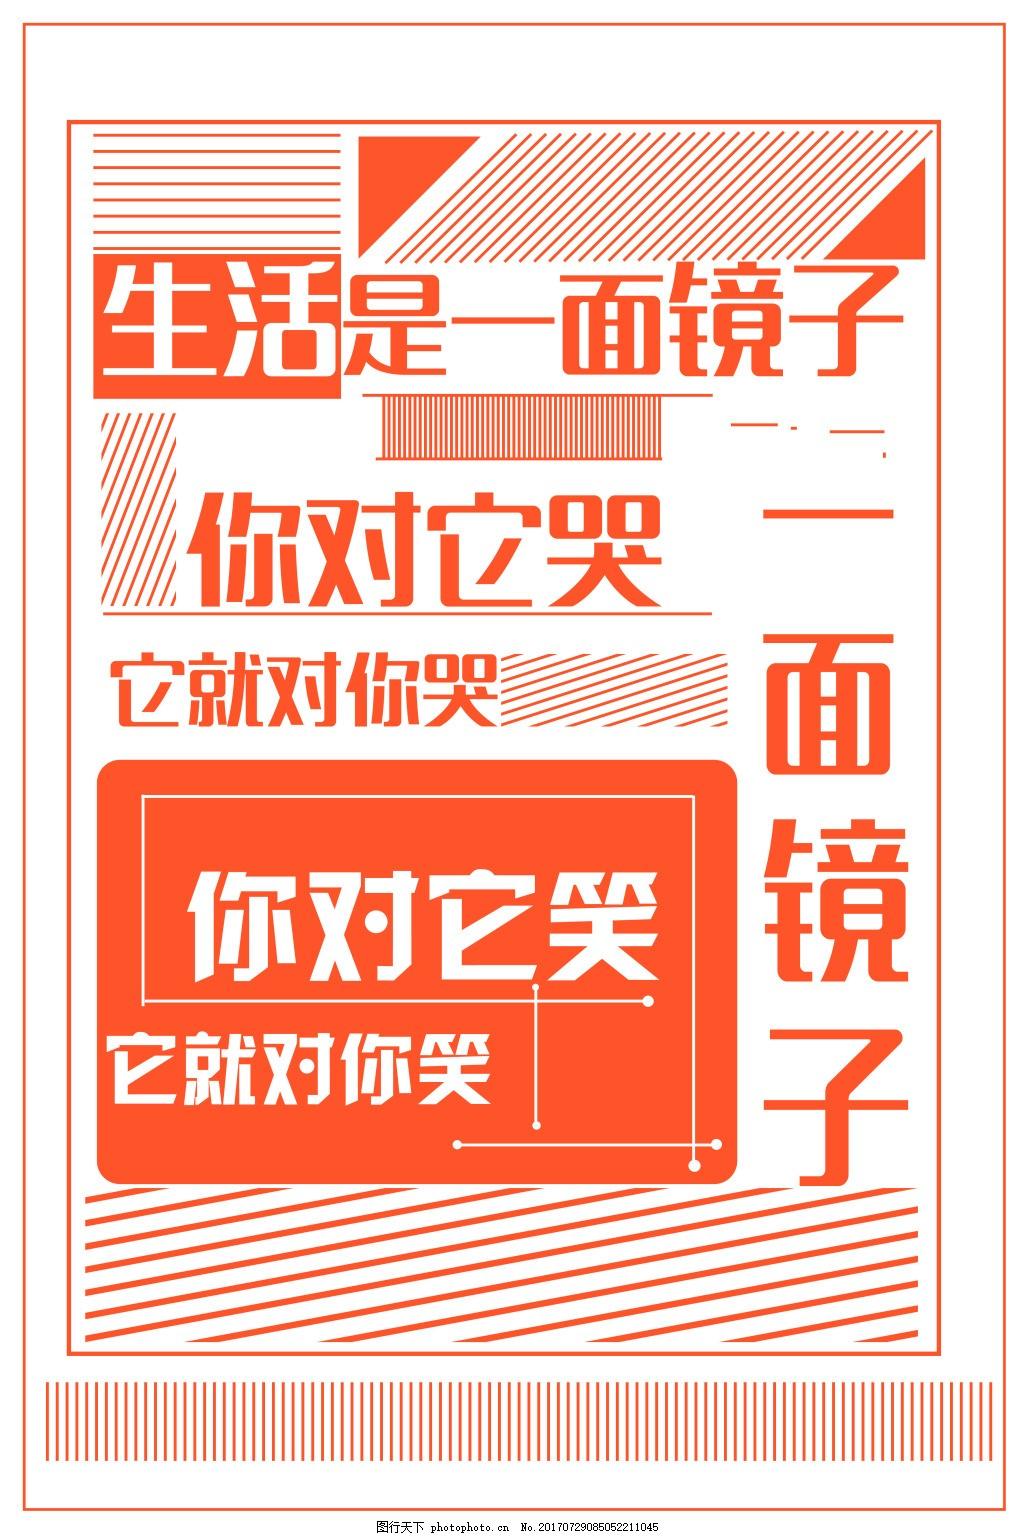 简约大气文字排版创意企业正能量海报 黑金 绚丽 时尚 扁平 镜子